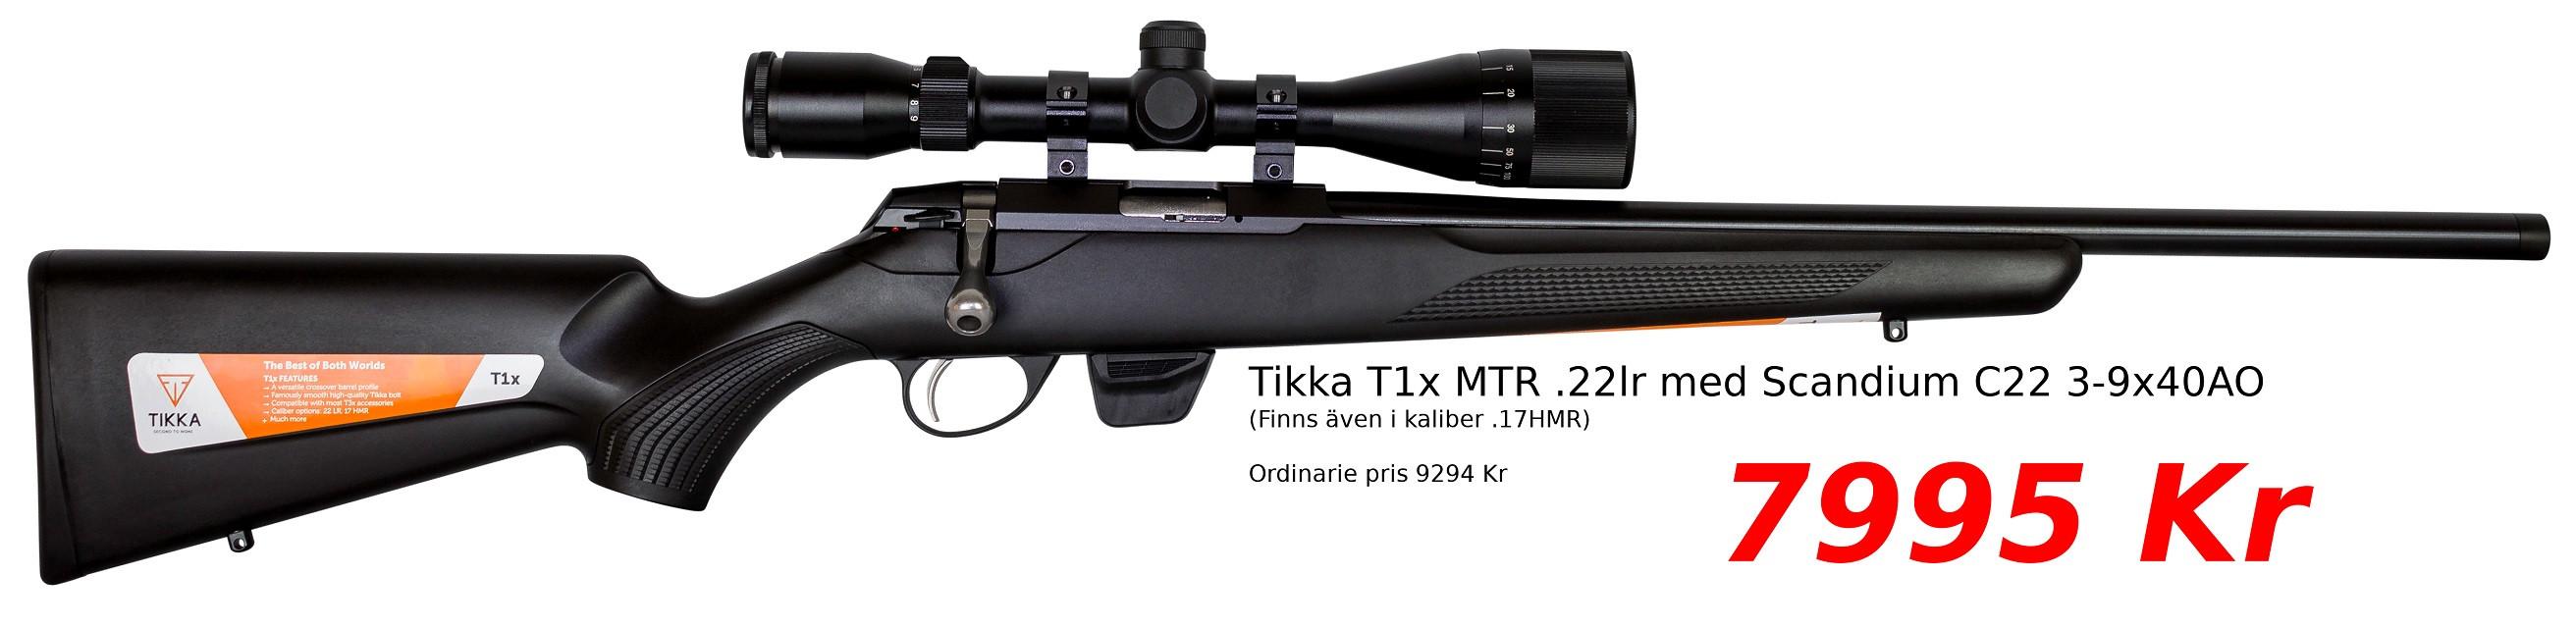 Tikka T1x Vapenpaket 7995 Kr